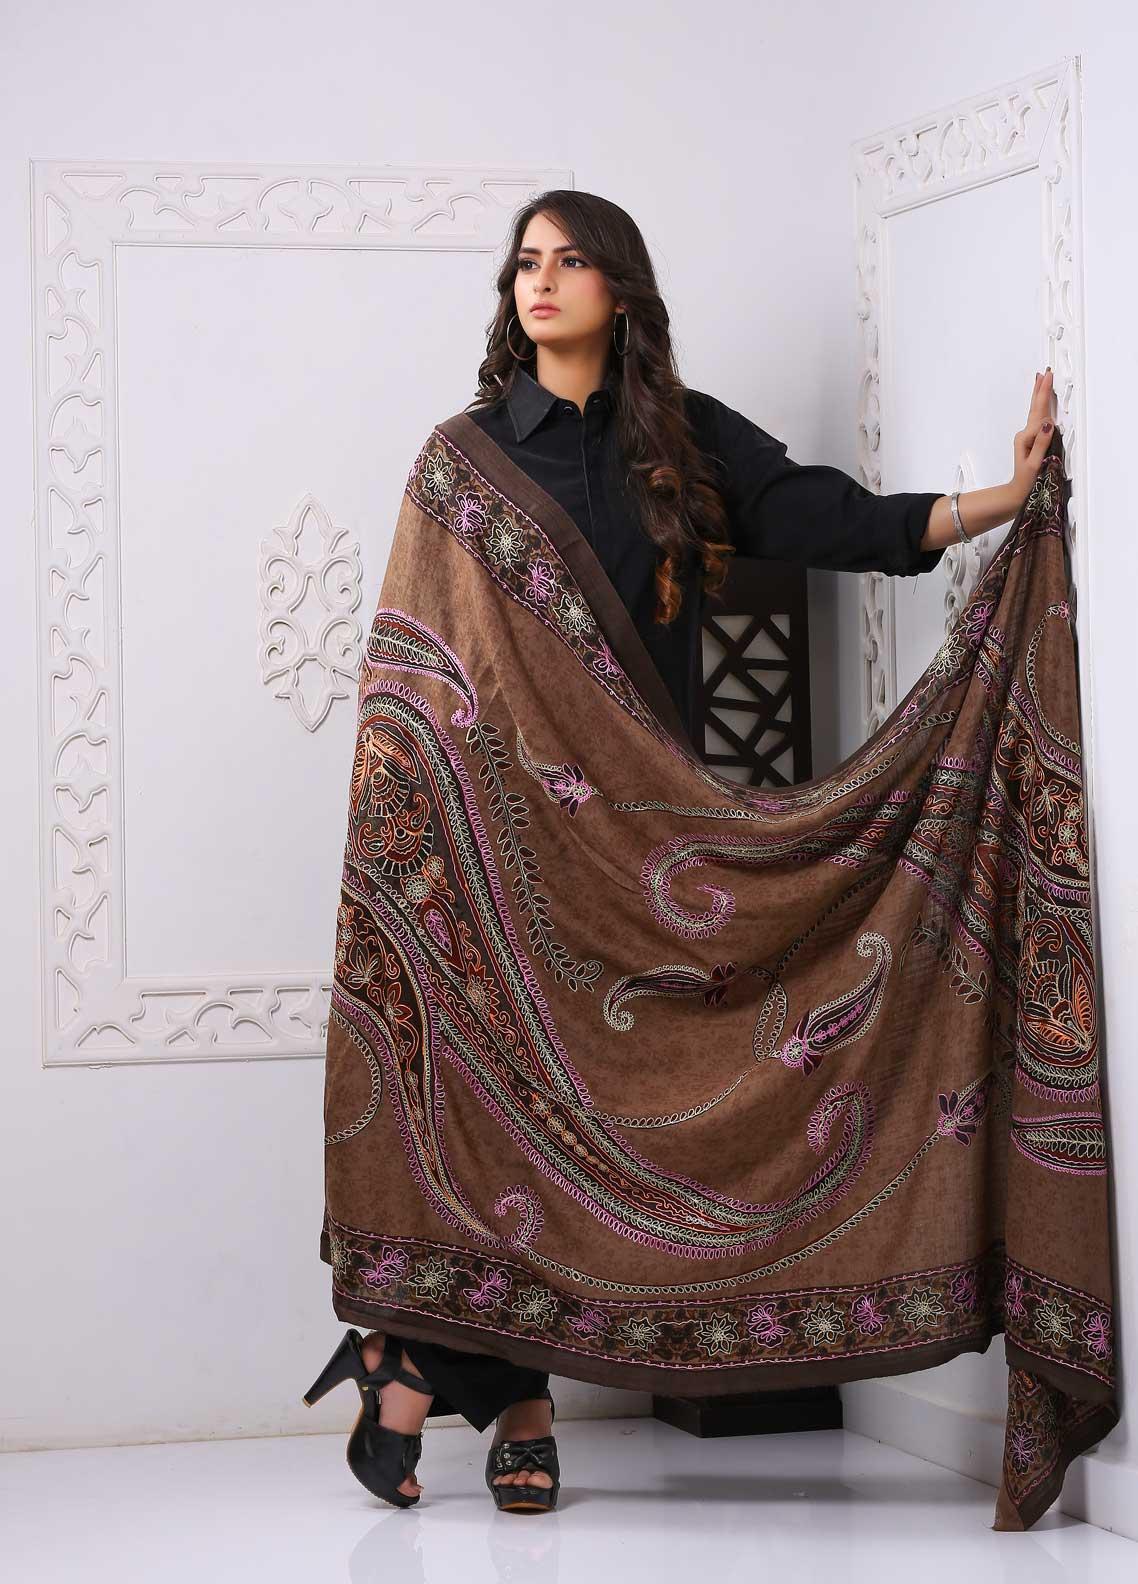 Sanaulla Exclusive Range Embroidered Premium Pashmina  Shawl PRMSH 323972 - Premium Pashmina Shawls